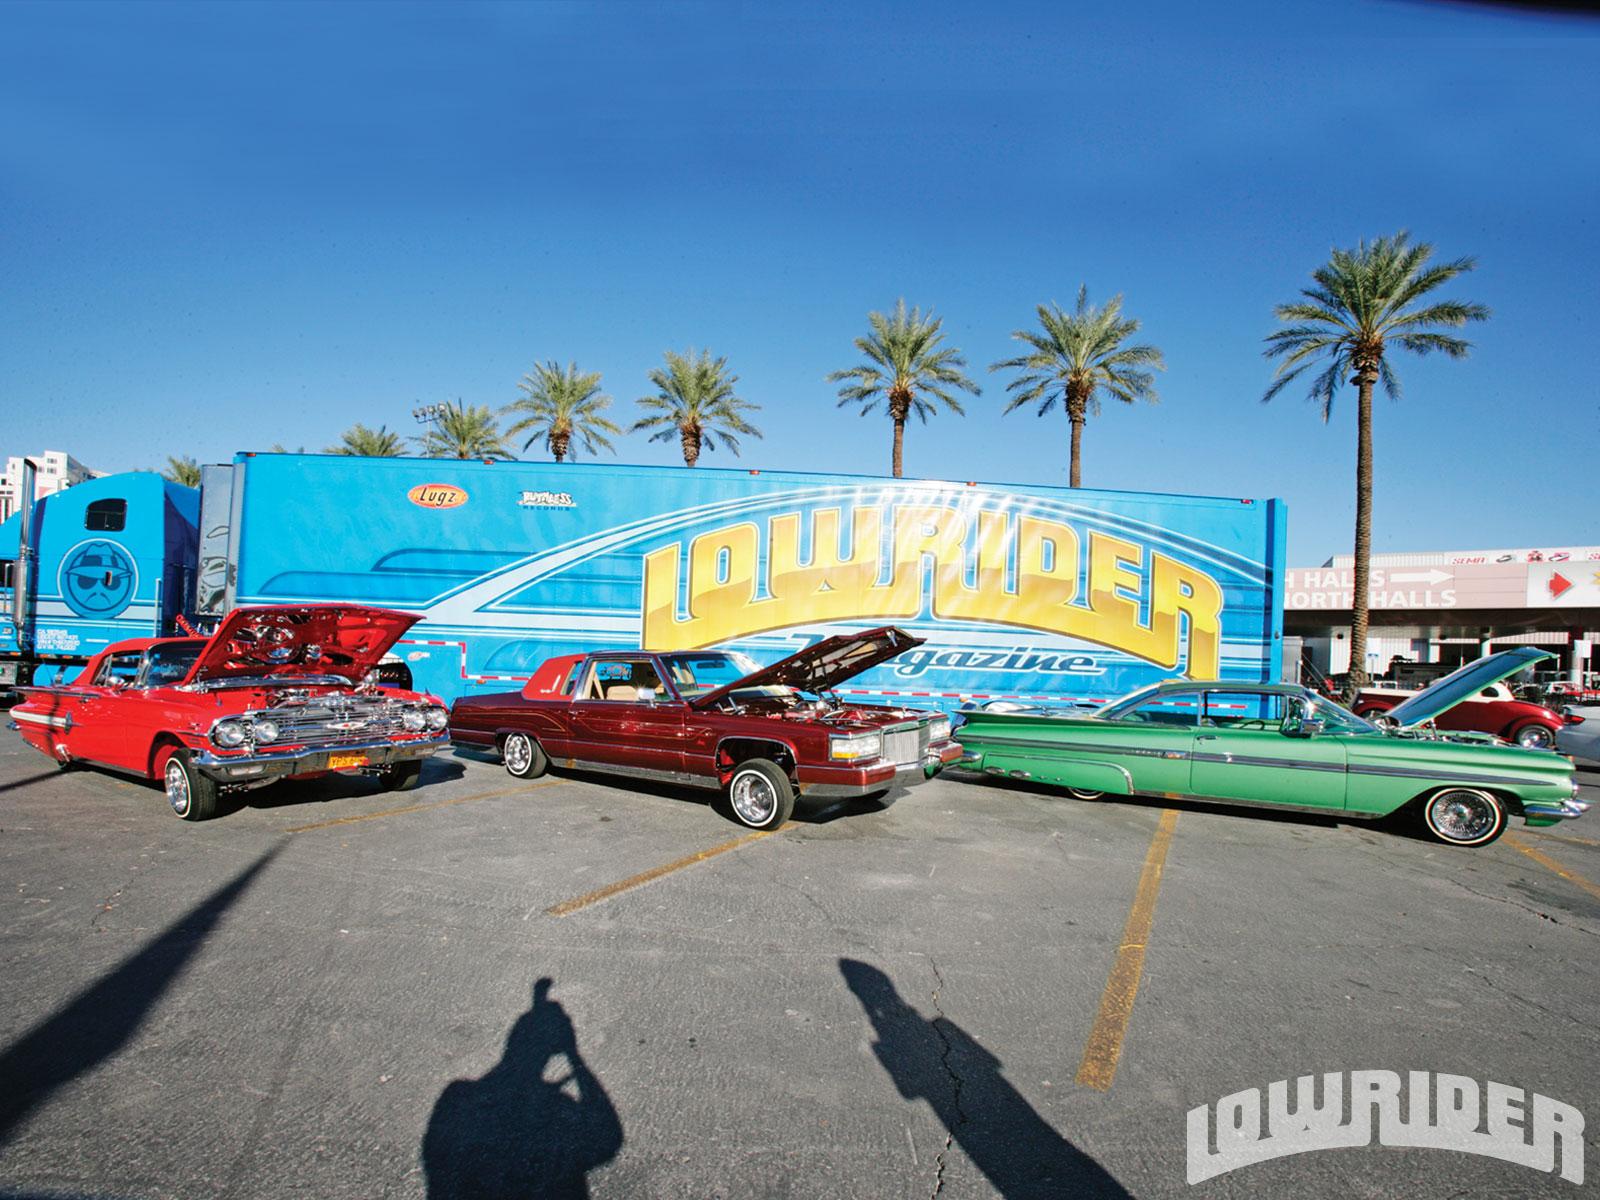 Las Vegas Lowrider Car Show - Lowrider car show las vegas